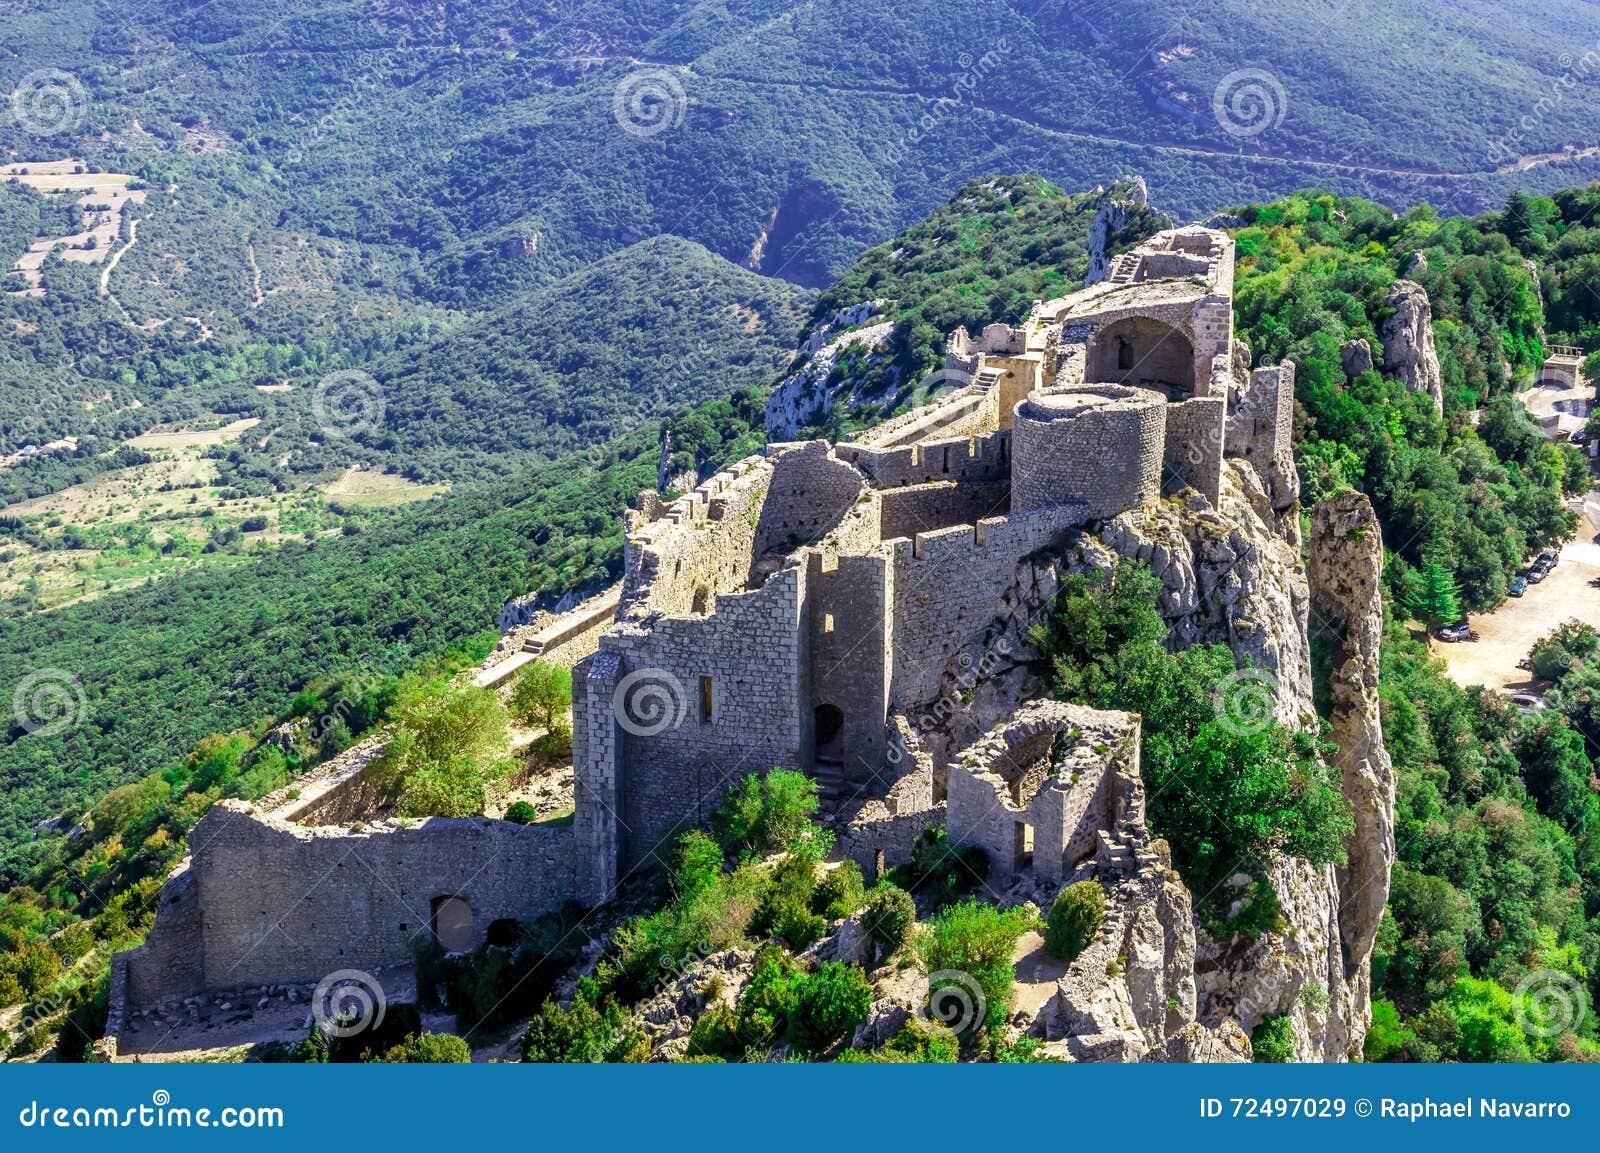 Peyrepertuse cathar castle stock image. Image of mountain   20